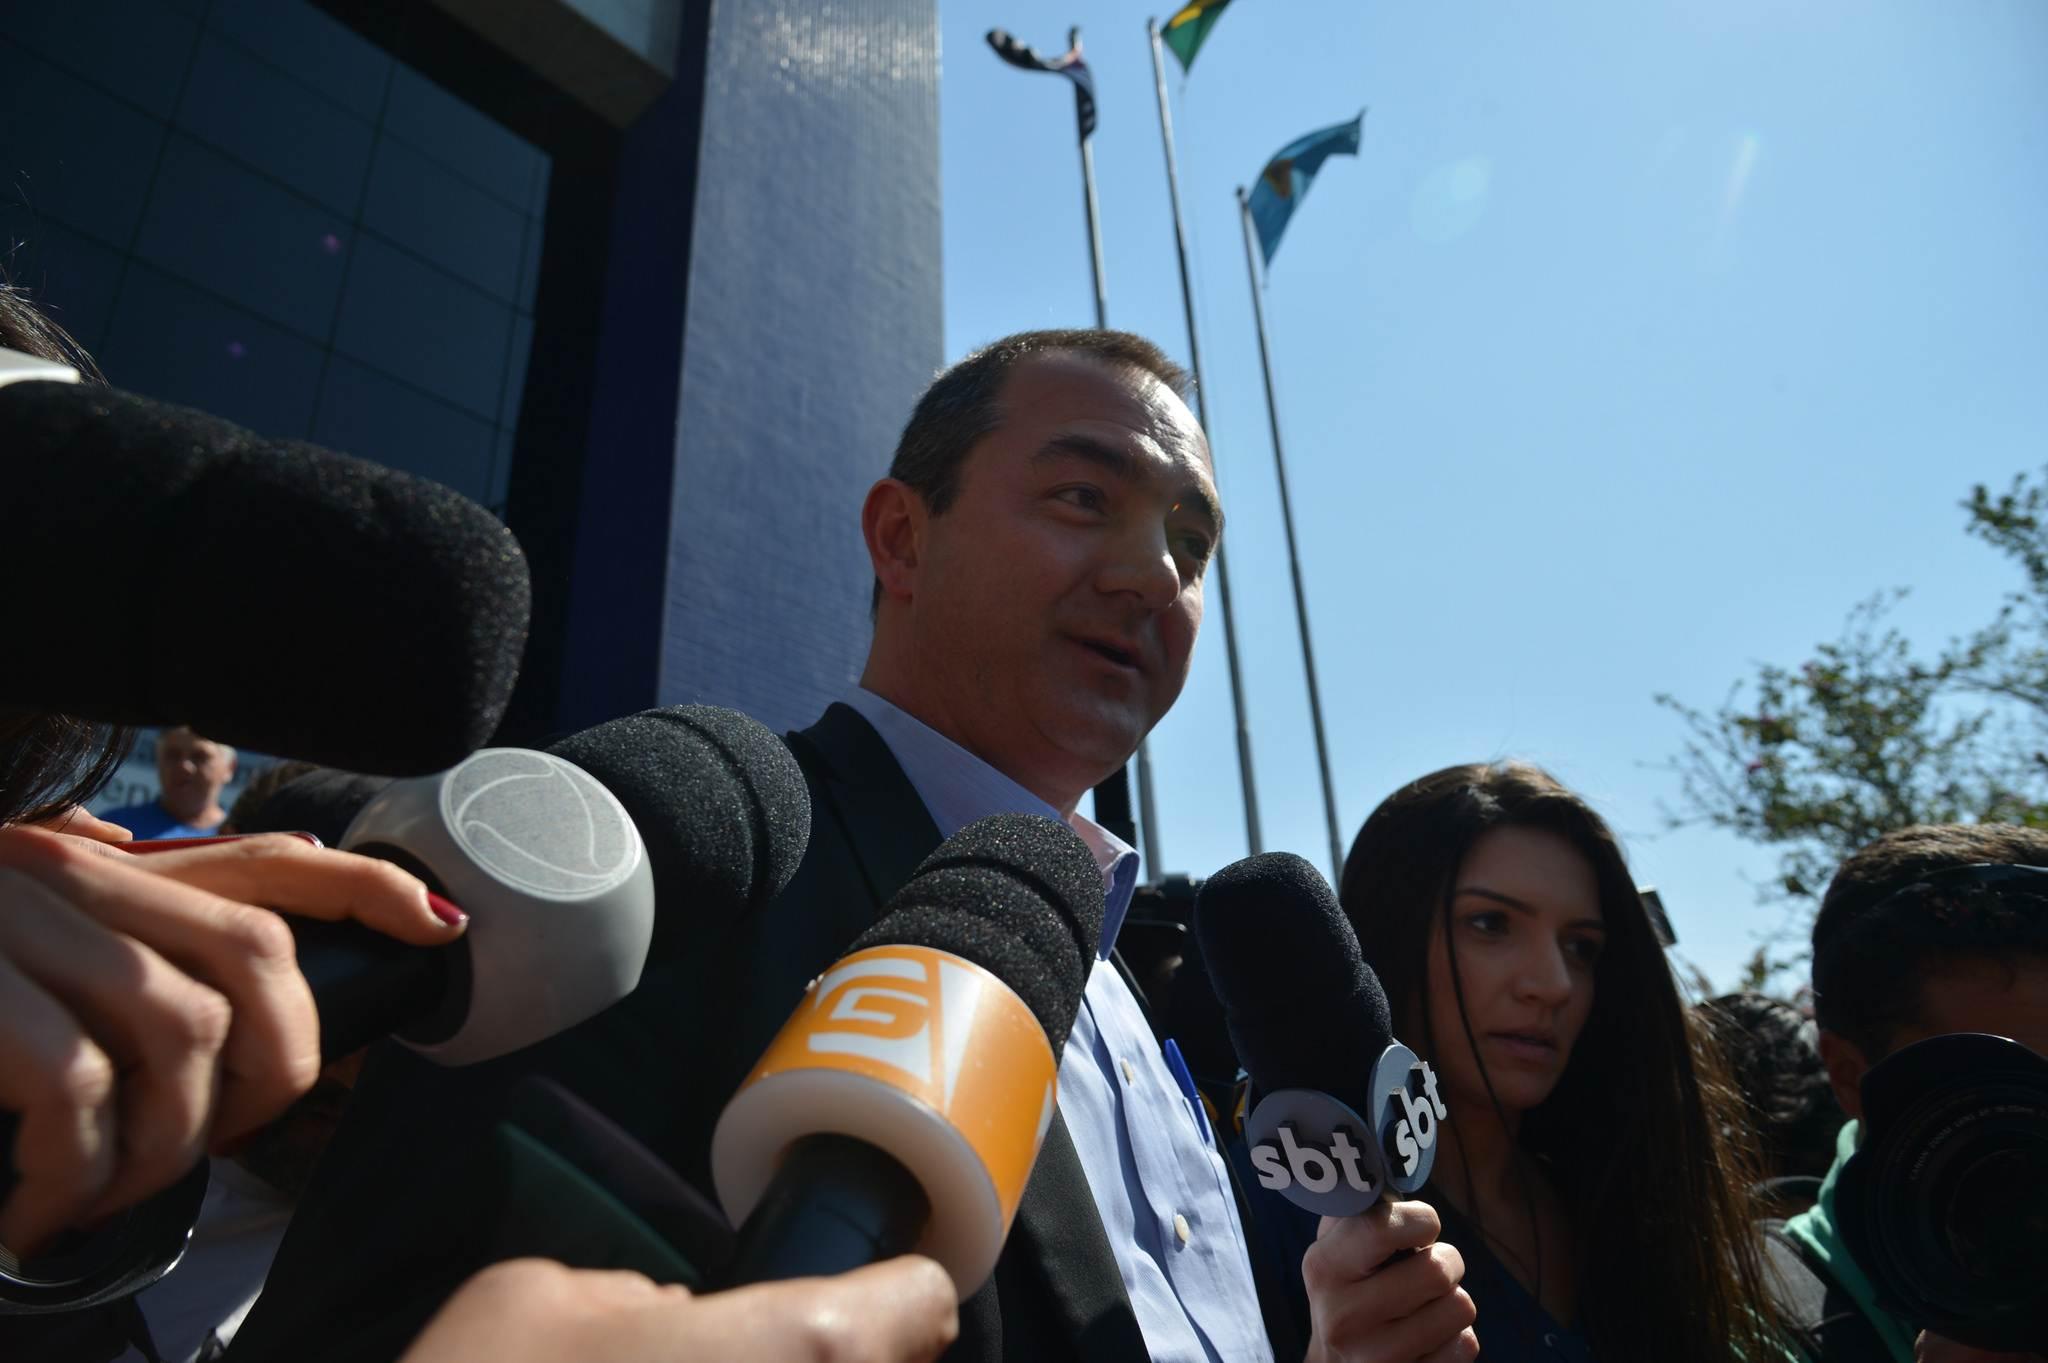 Joesley Batista presta depoimento na Polícia Federal em SP | Foto: Rovena Rosa/Agência Brasil)